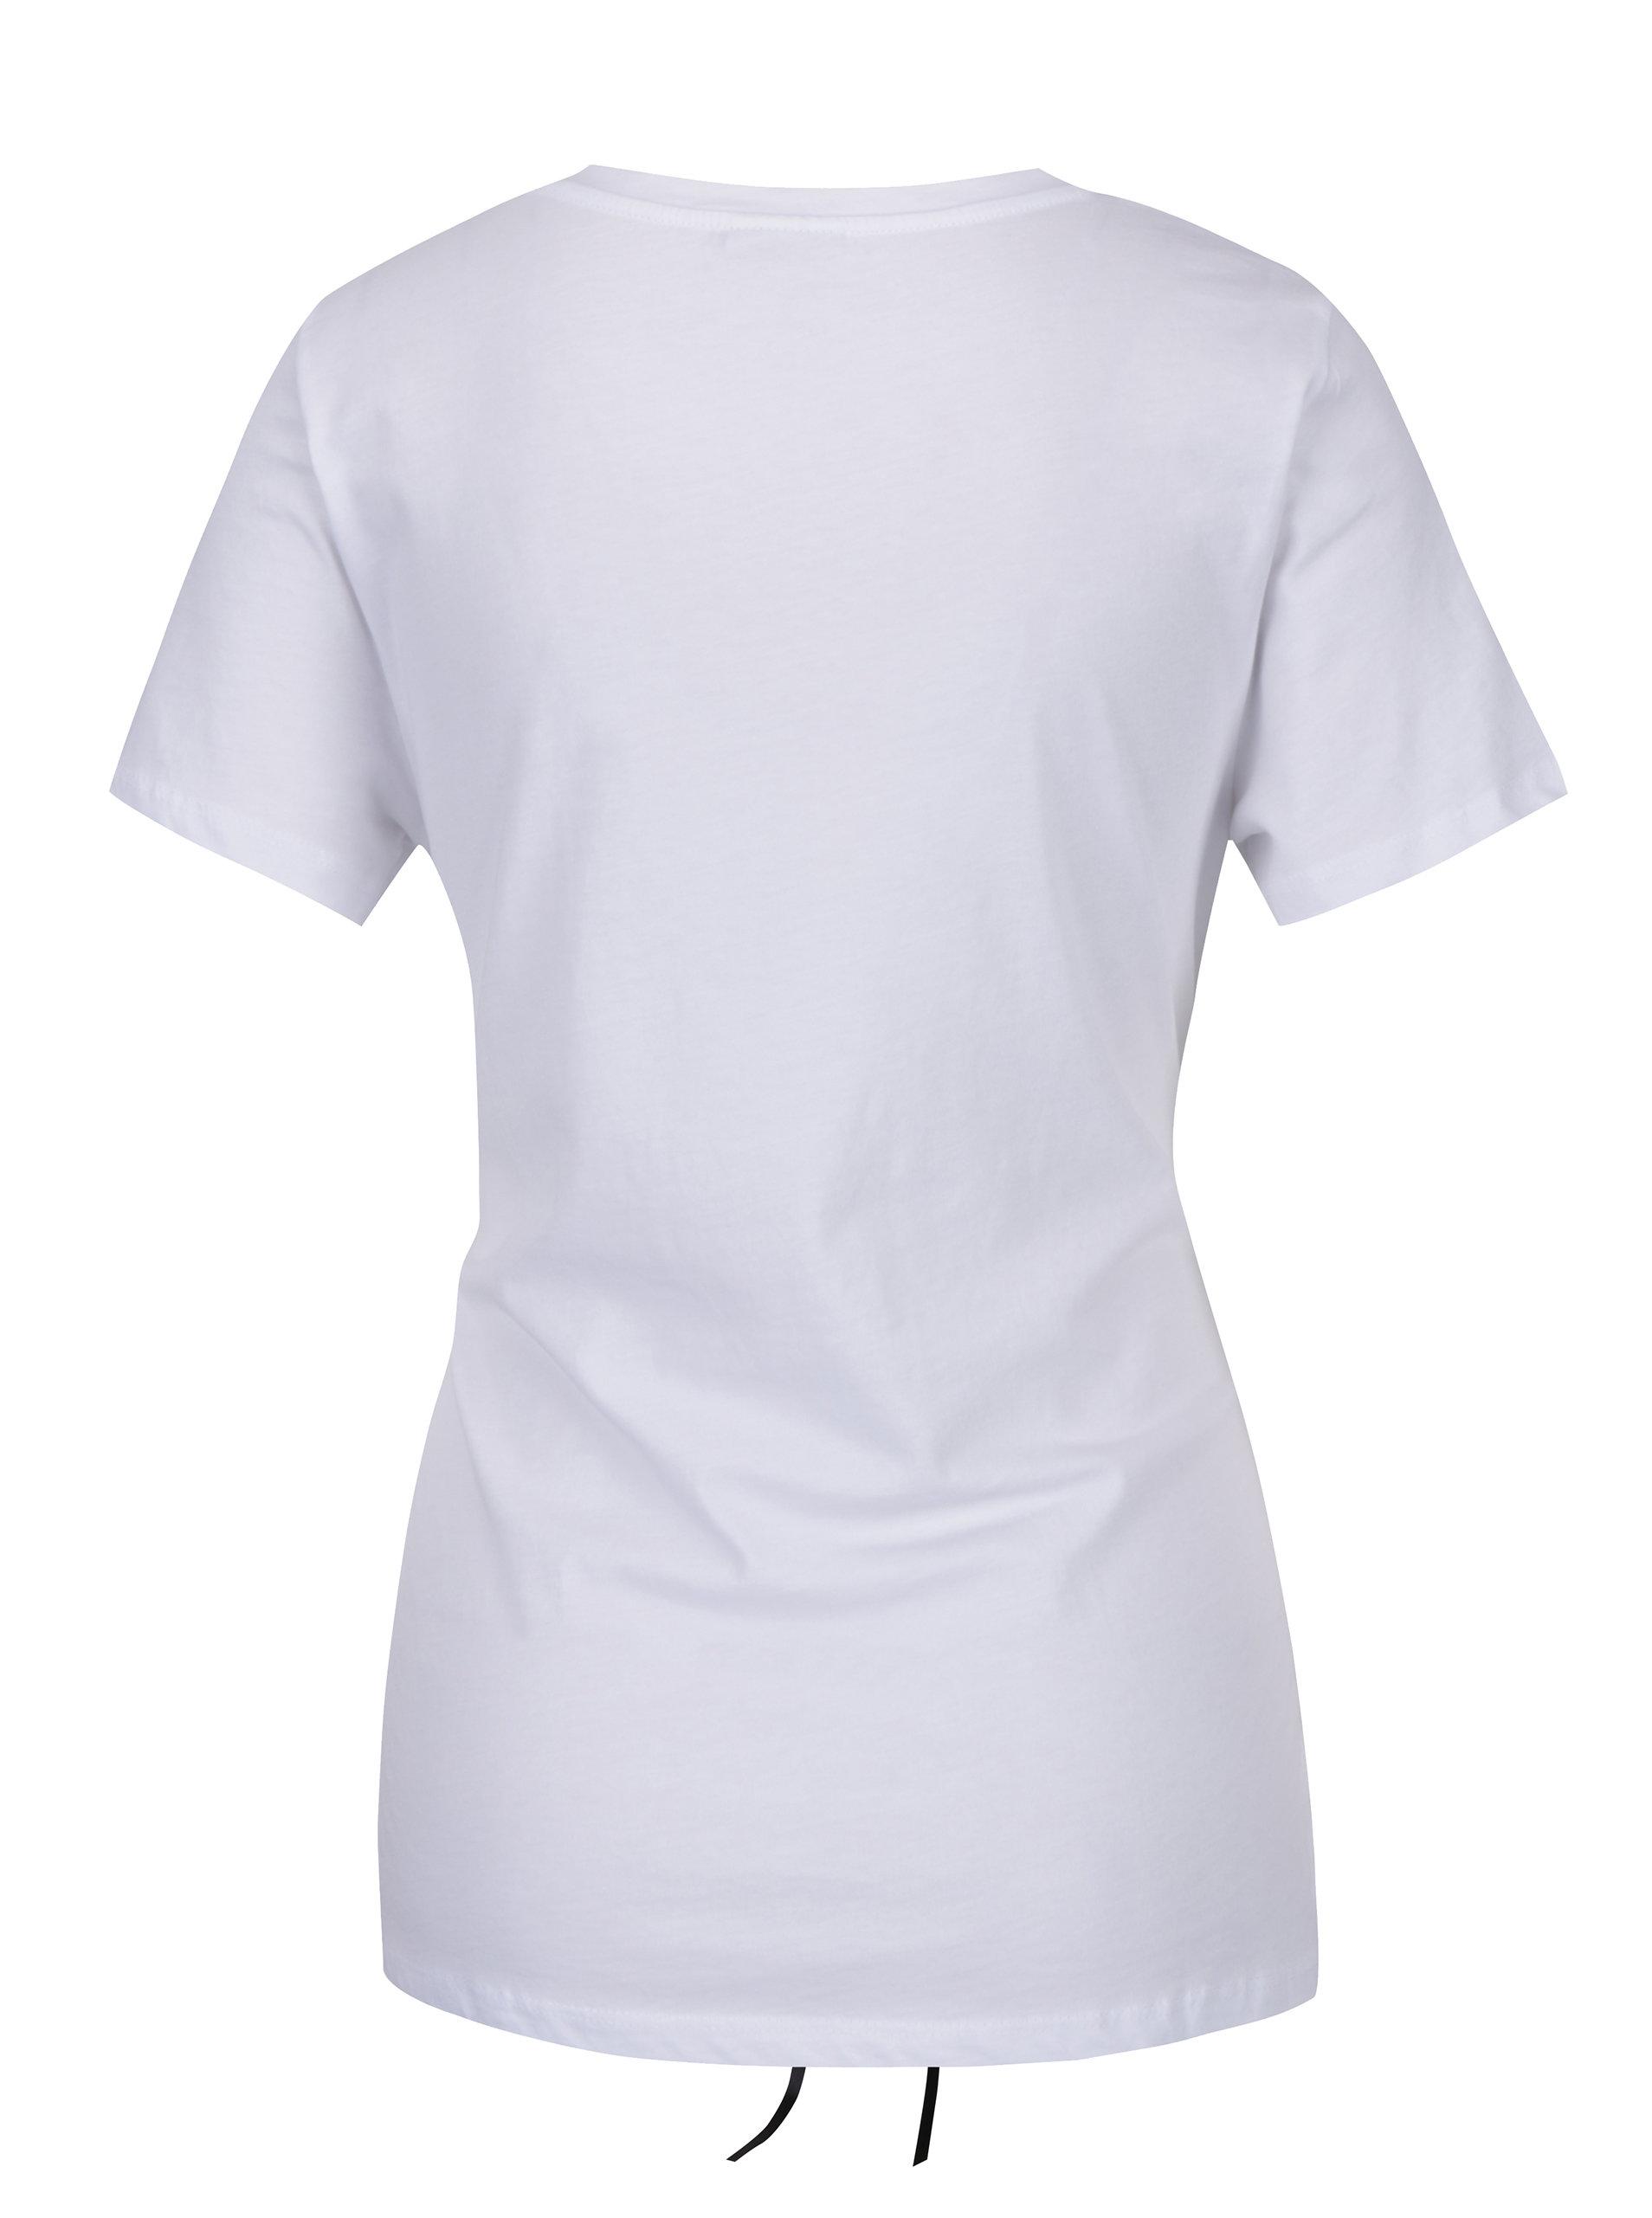 Bílé tričko se šněrováním Noisy May Philippa ... 8d2c5b61c5